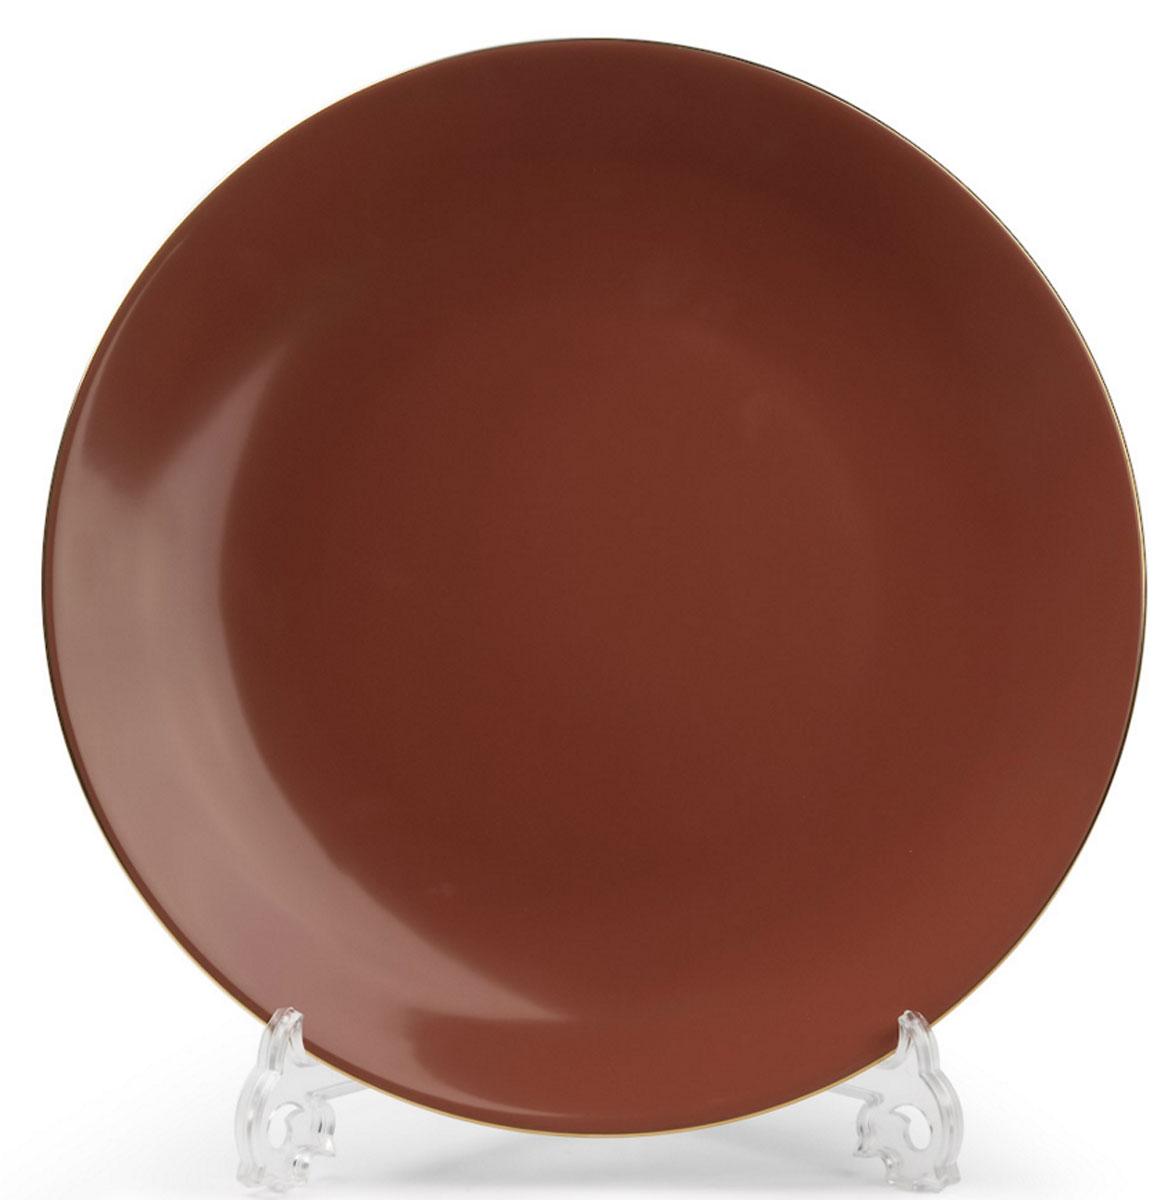 Monalisa 3126 Набор дессертных тарелок 21см*6 шт, цвет: мокко с золотом7291063126В наборе тарелка 21 см 6 штук Материал: фарфор: цвет: мокко с золотомСерия: MONALISA